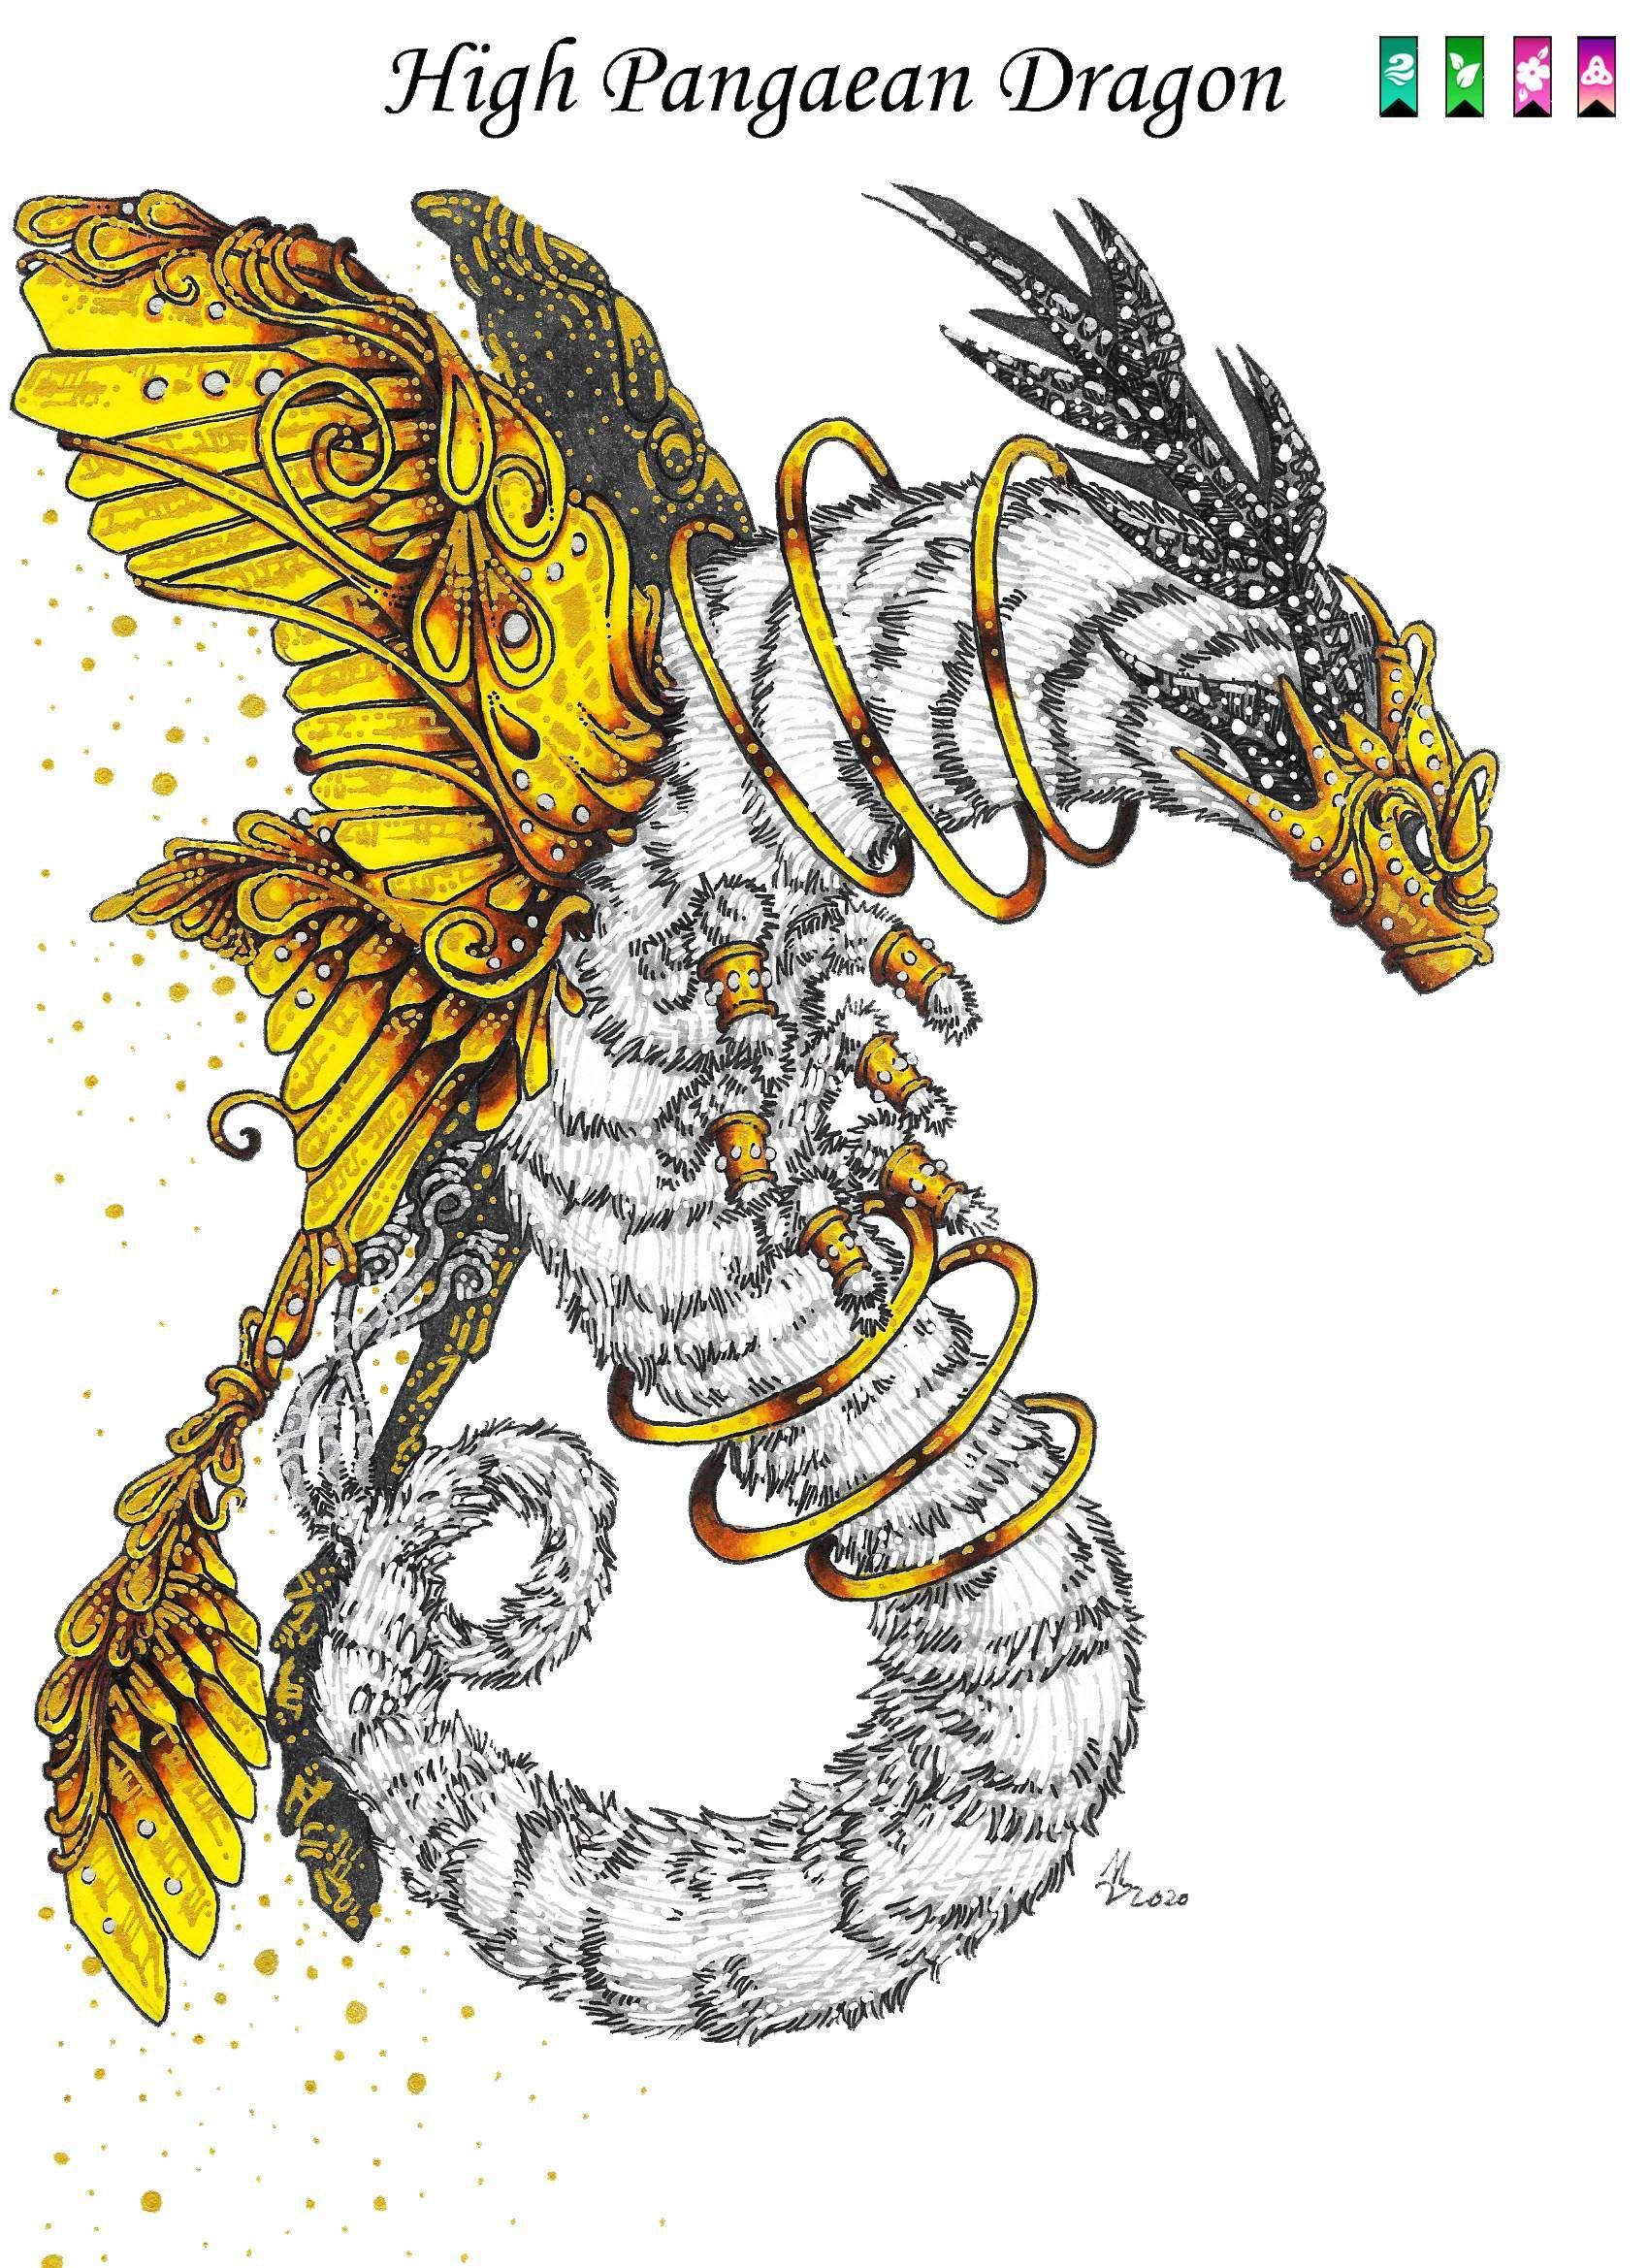 0_1614661659922_High Pangaean Dragon.jpg